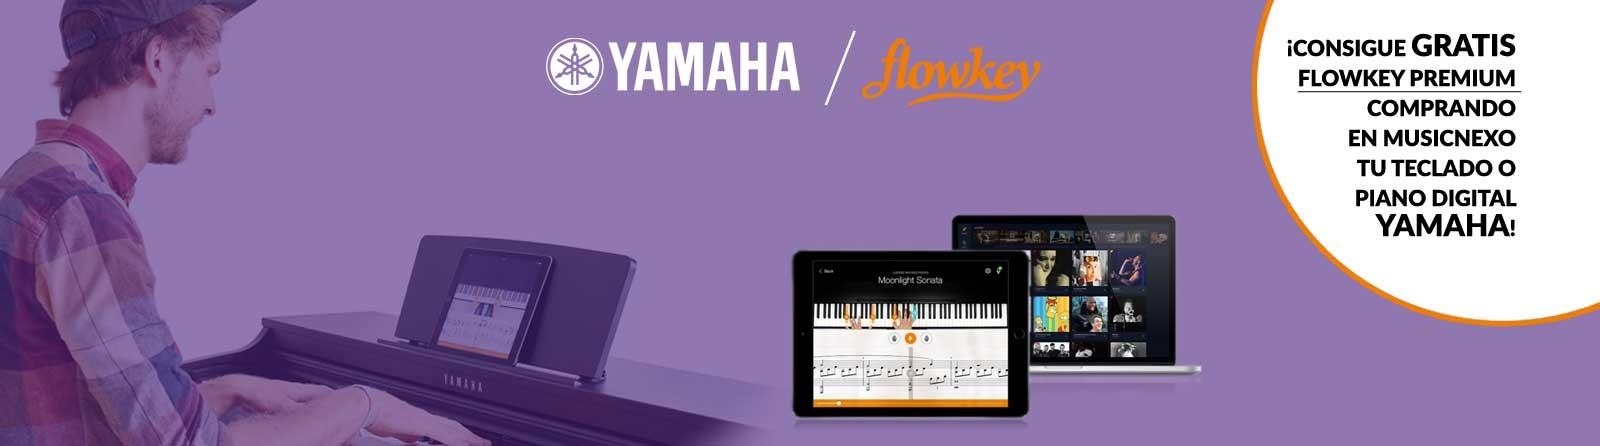 Compra un piano digital o teclado Yamaha y llévate Flowkey Premium ¡totalmente gratis!